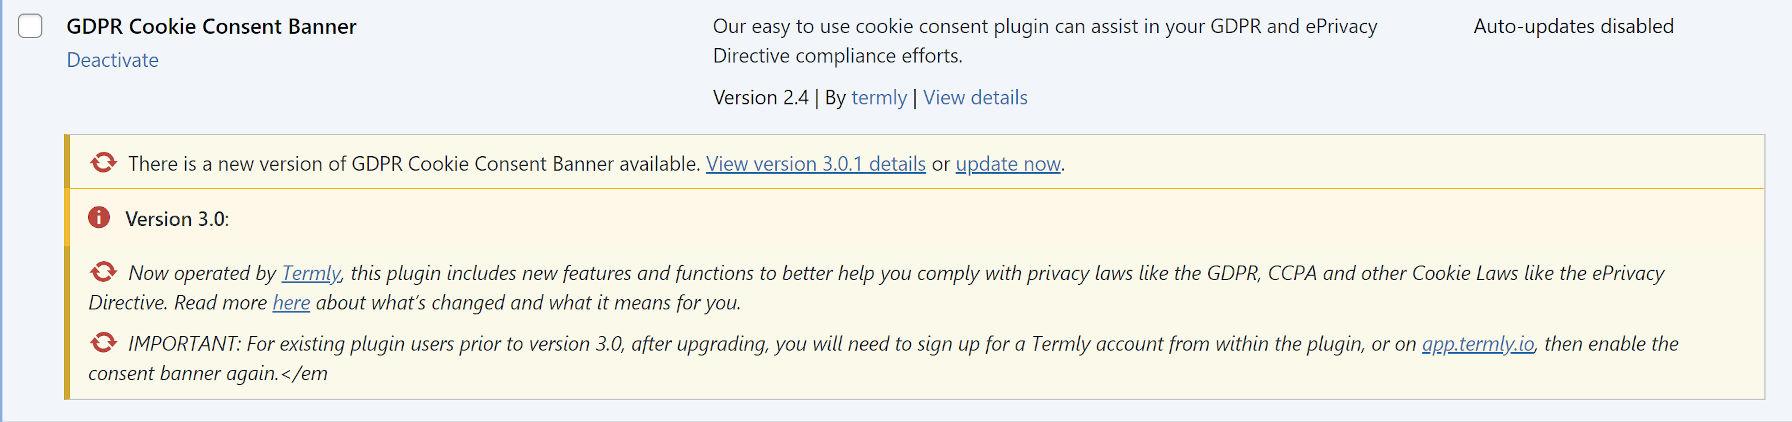 Avis d'administration du plug-in de consentement aux cookies GDPR avant la mise à niveau vers 3.0.